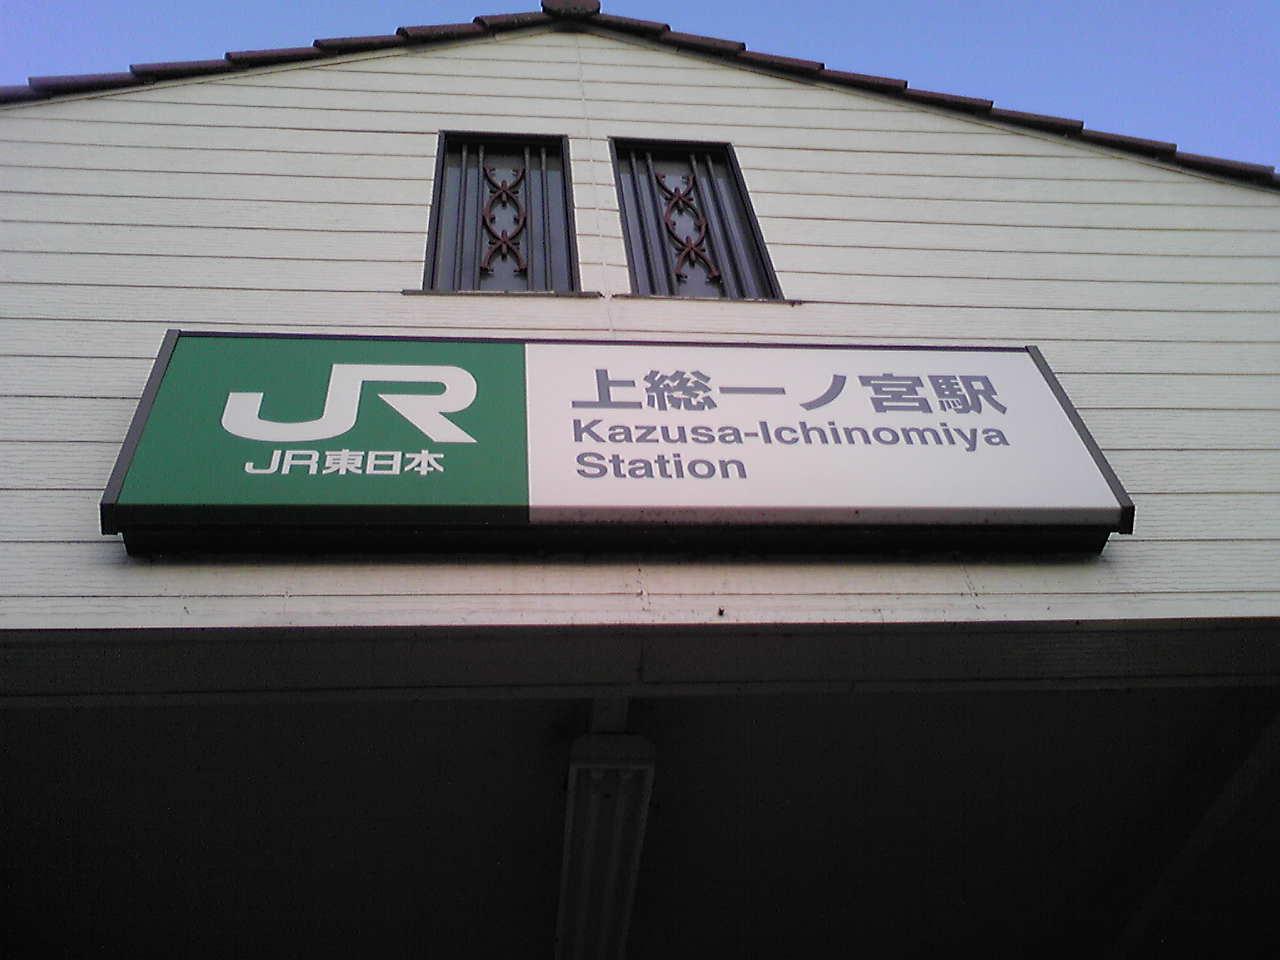 Kazusaichinomiya station